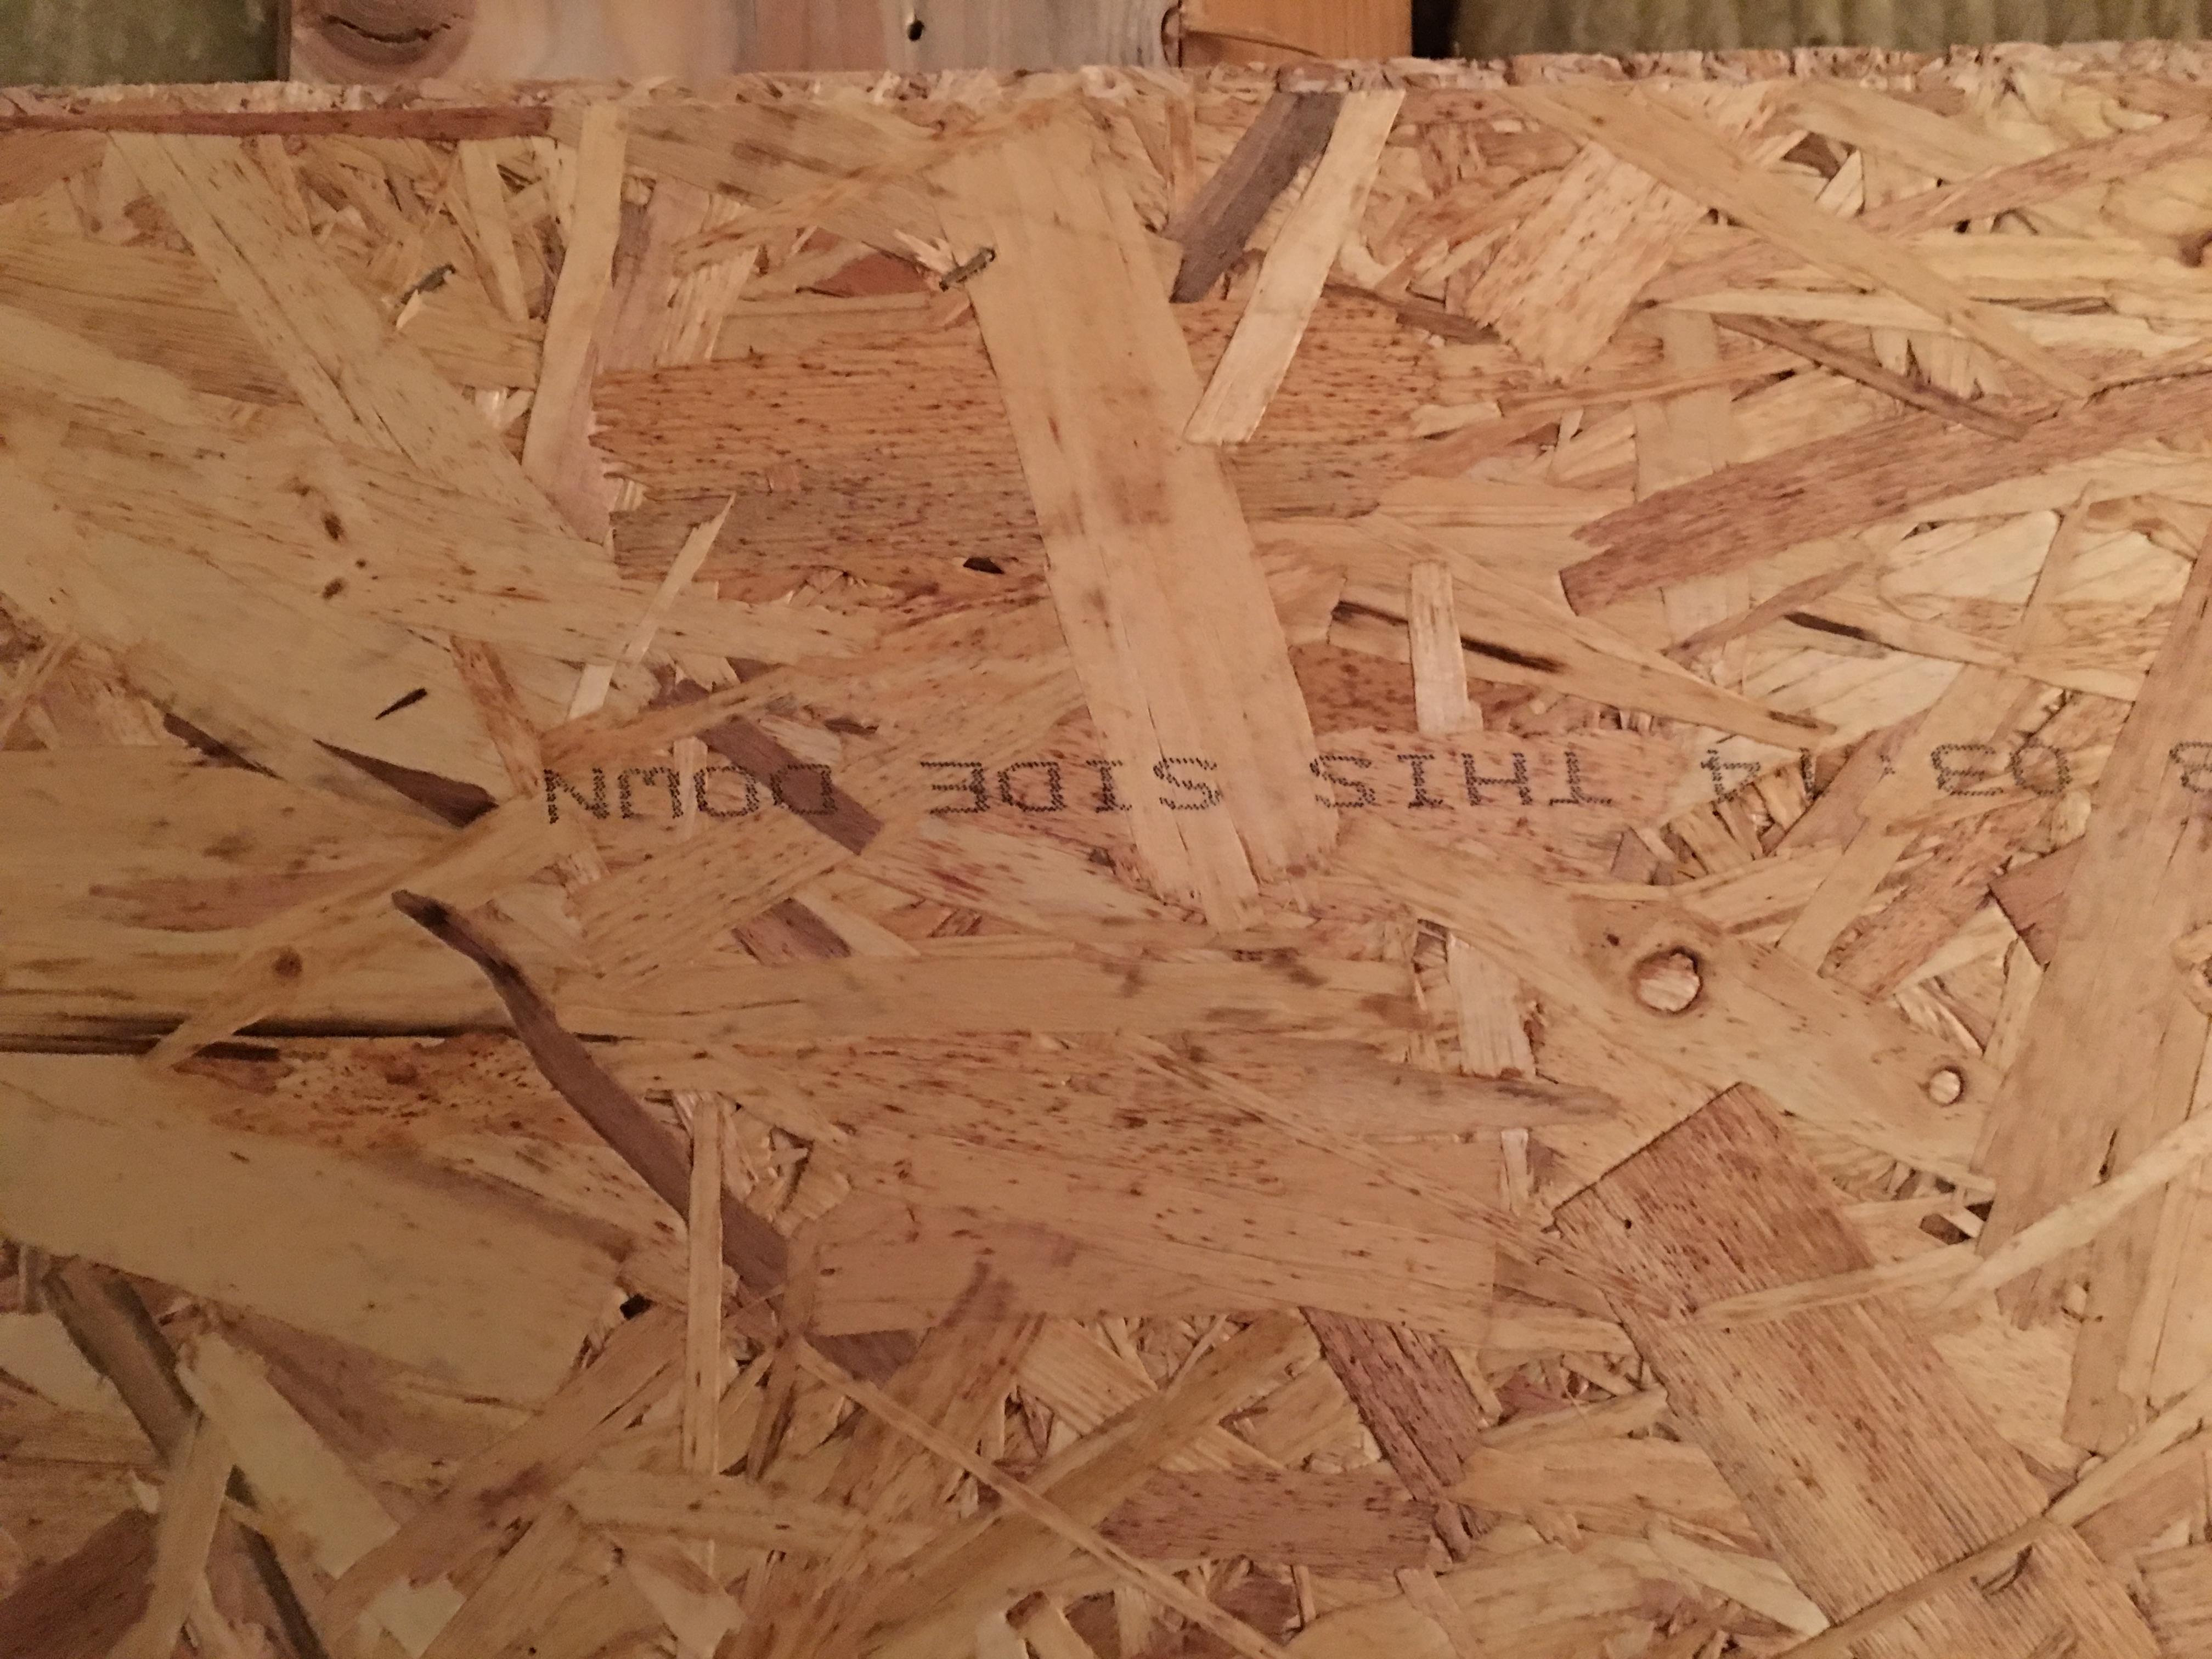 Osb Fußboden Ausgleichen ~ Osb fußboden ausgleichen » osb platten boden ausgleichen u wohn